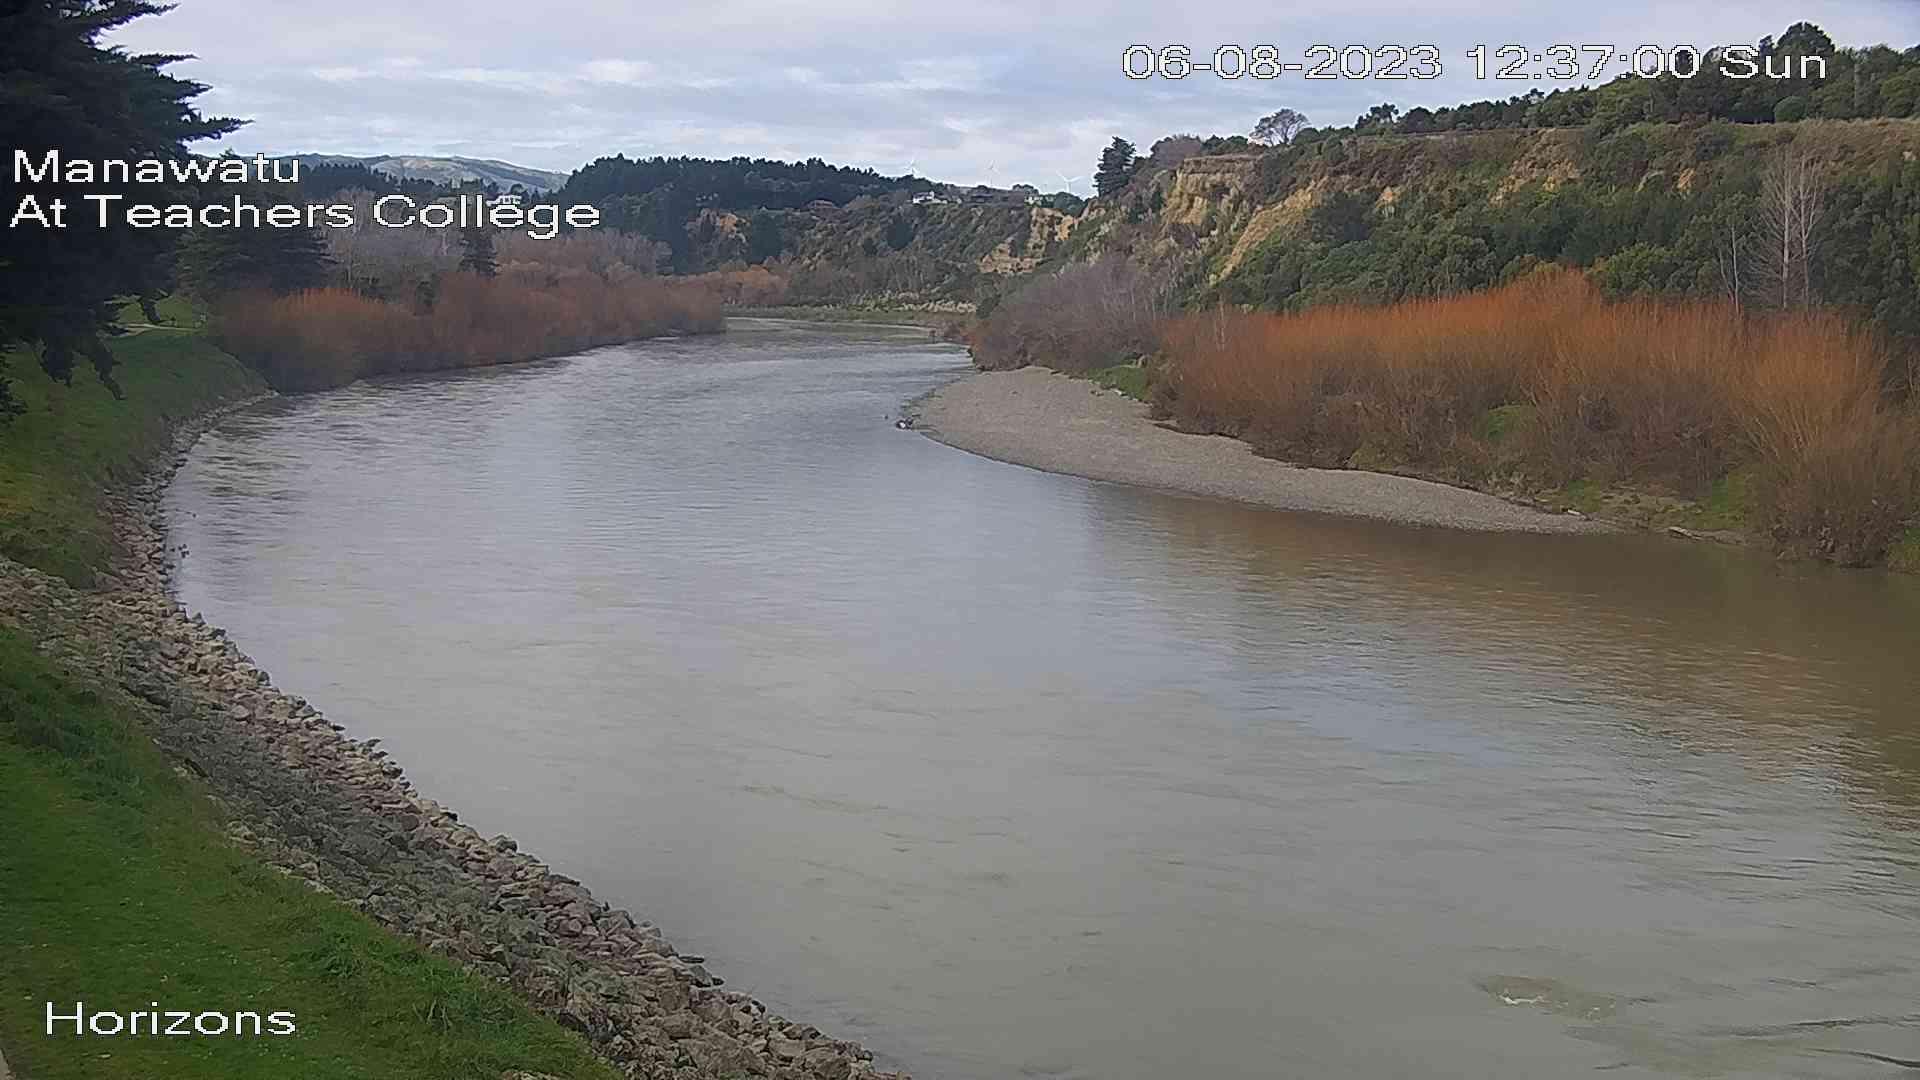 Manawatū River Webcam